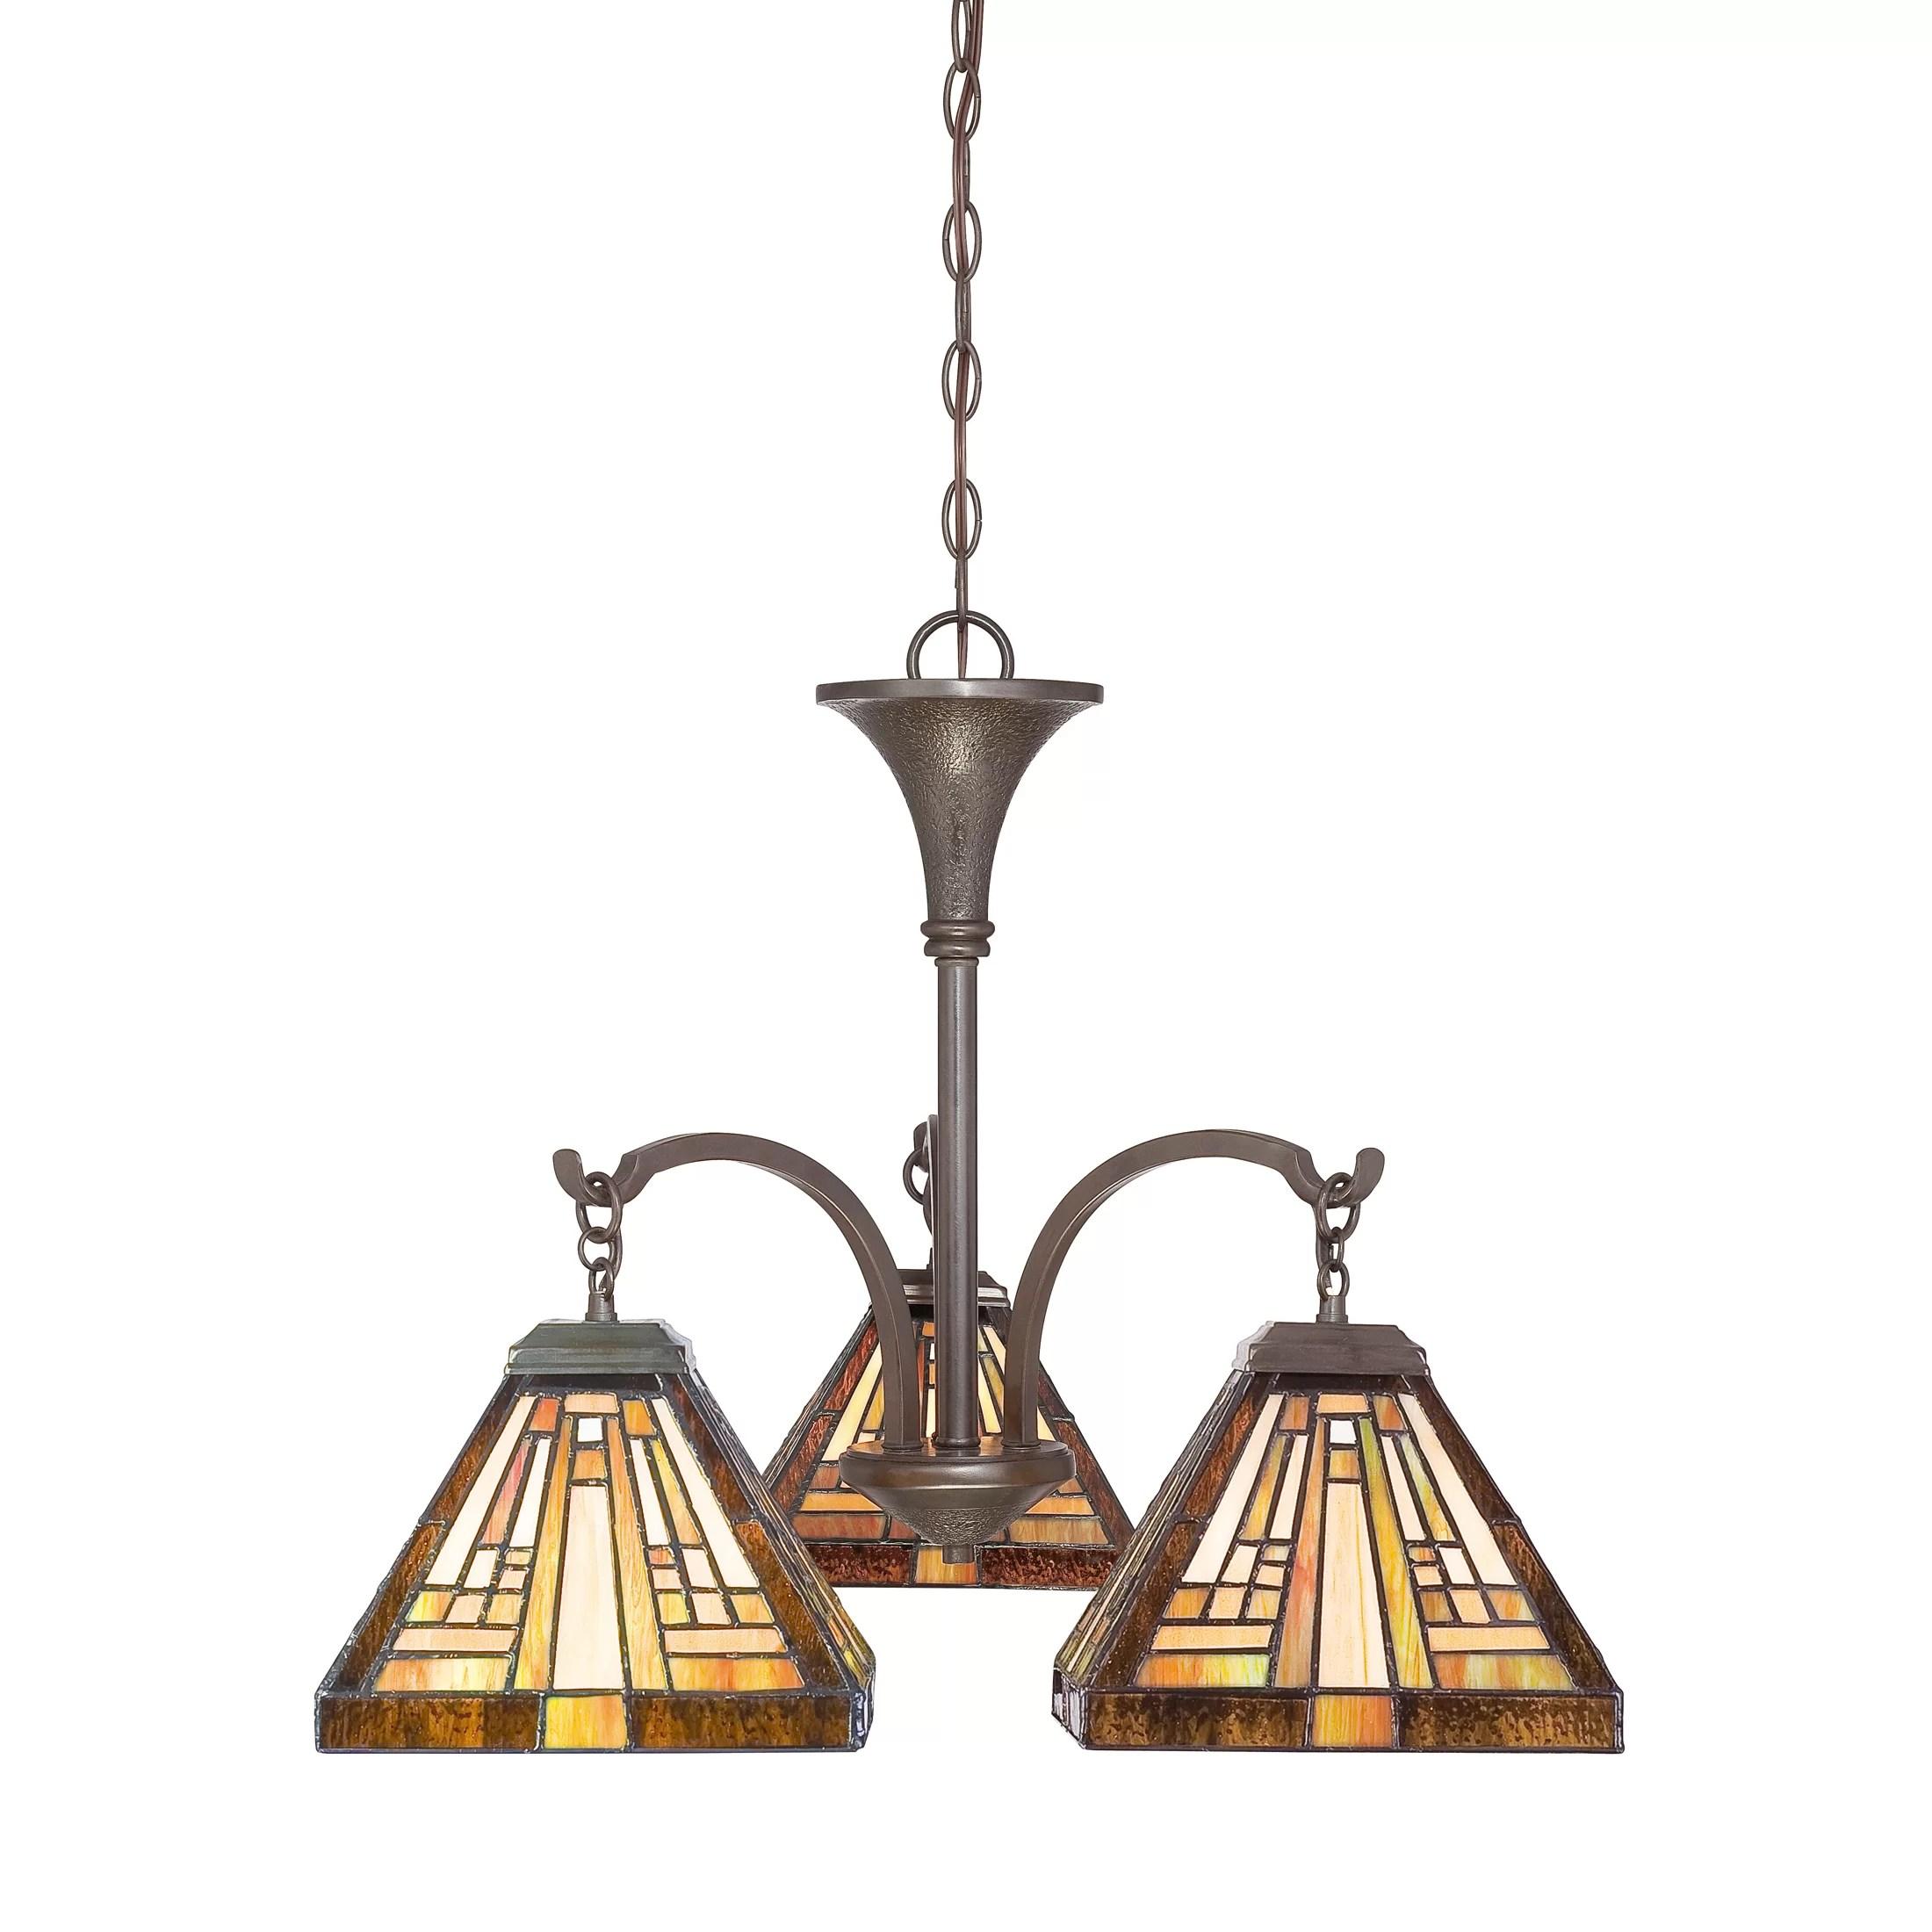 bronze kitchen chandelier cool sinks quoizel stephen three light in vintage